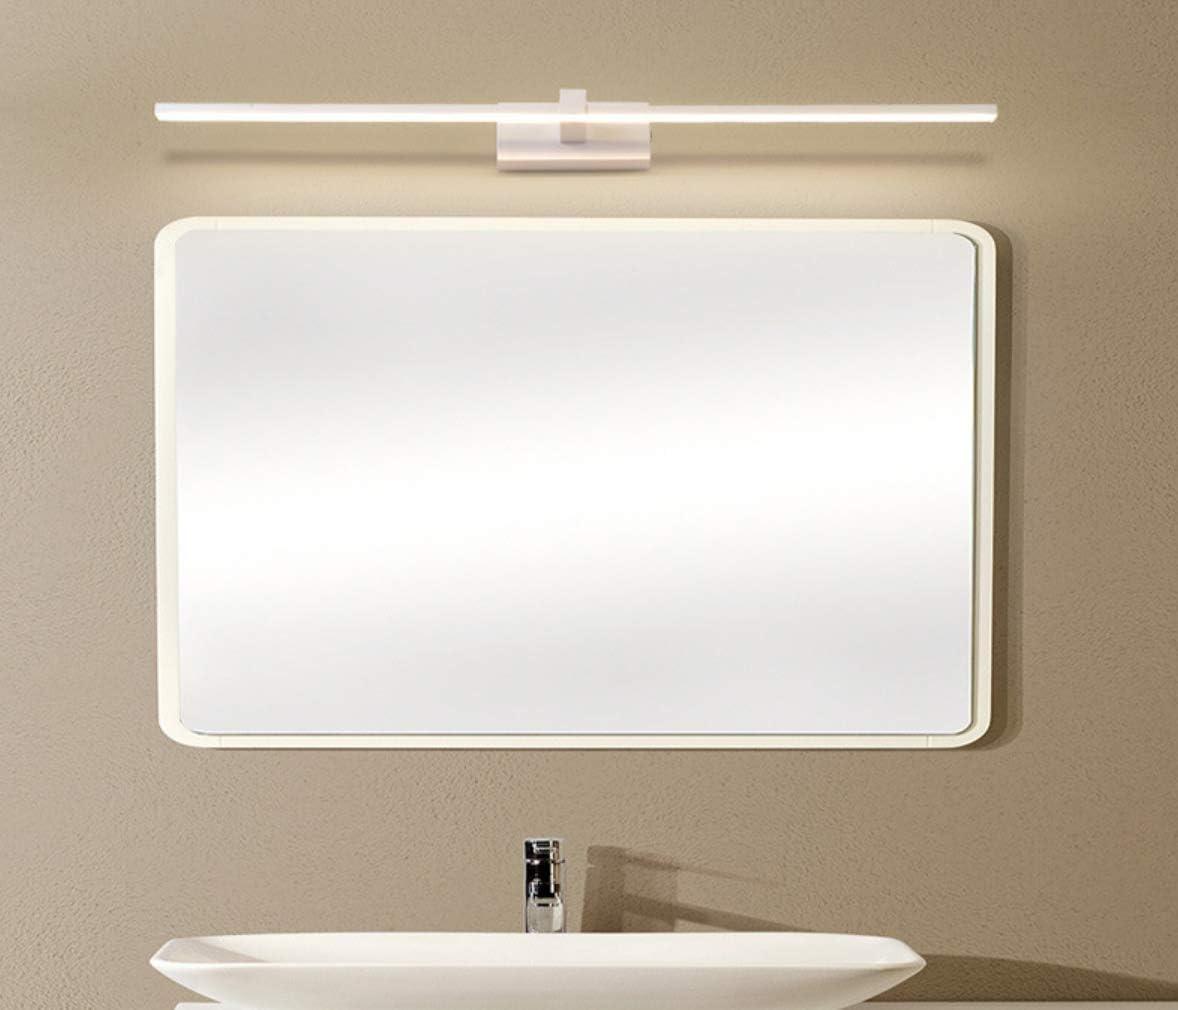 WIVION Lampada da Bagno a LED, Lampada da Specchio Applique da Bagno a LED 6000K Luce Bianca per apparecchi a Parete per mobili da Trucco a Specchio,16w/80cm 10w/50cm